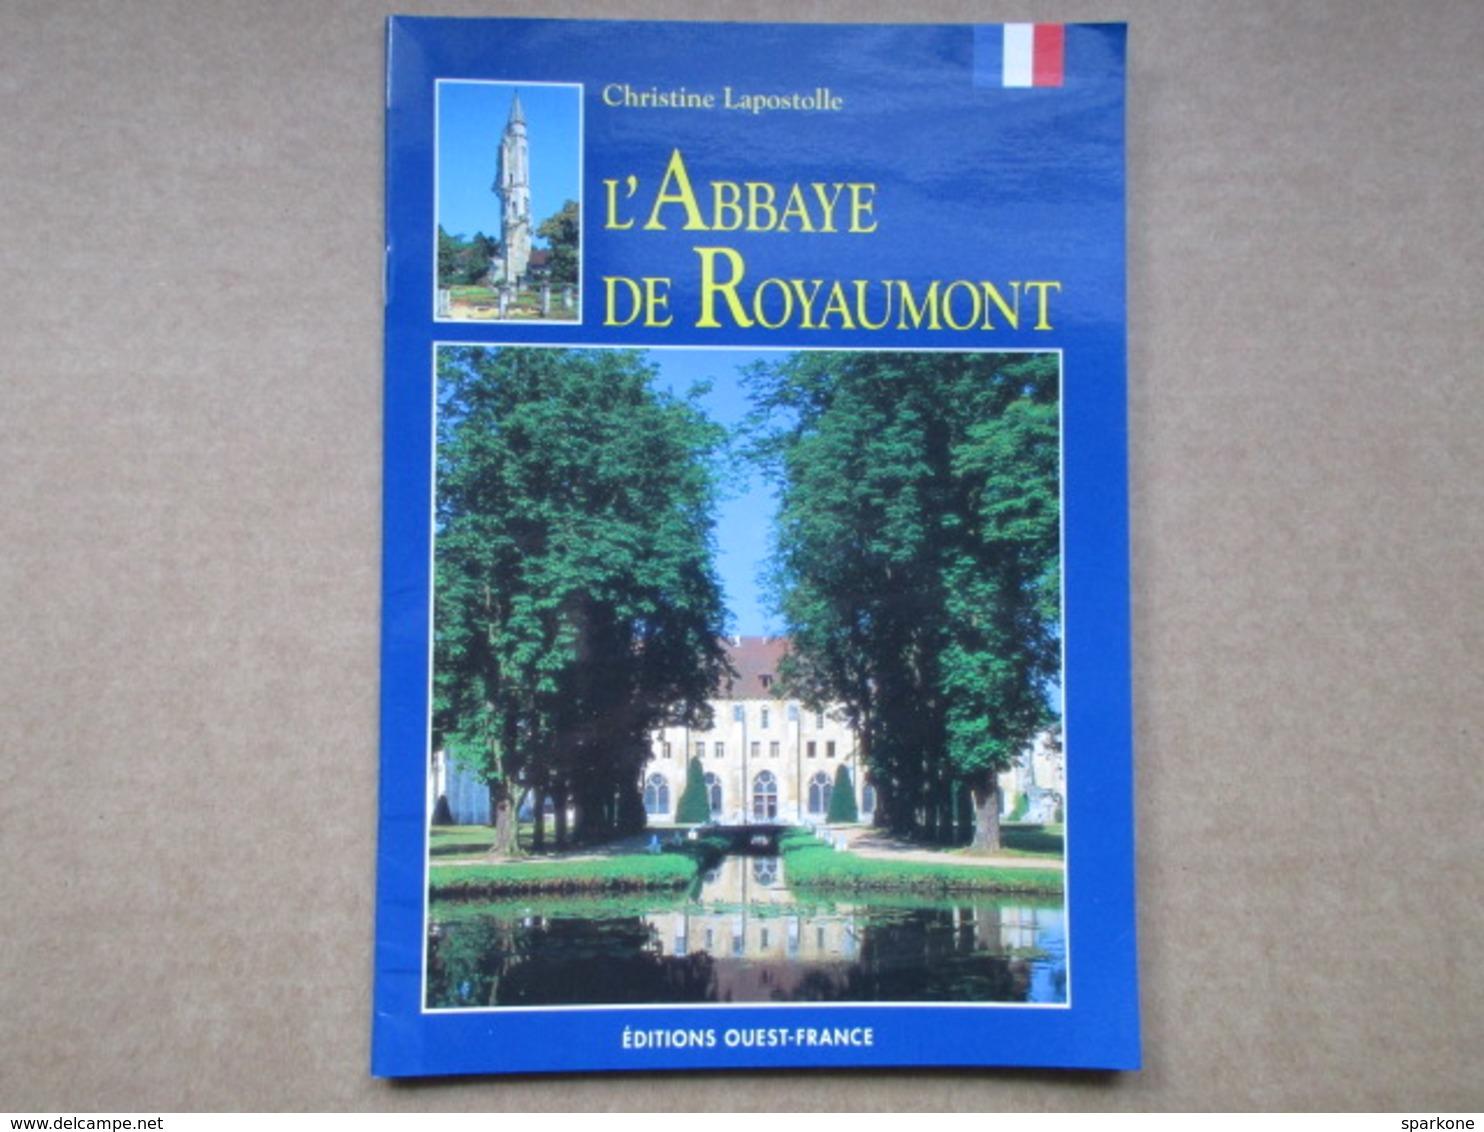 L'Abbaye De Royaumont (Christine Lapostolle) éditions Ouest France De 1995 - Picardie - Nord-Pas-de-Calais